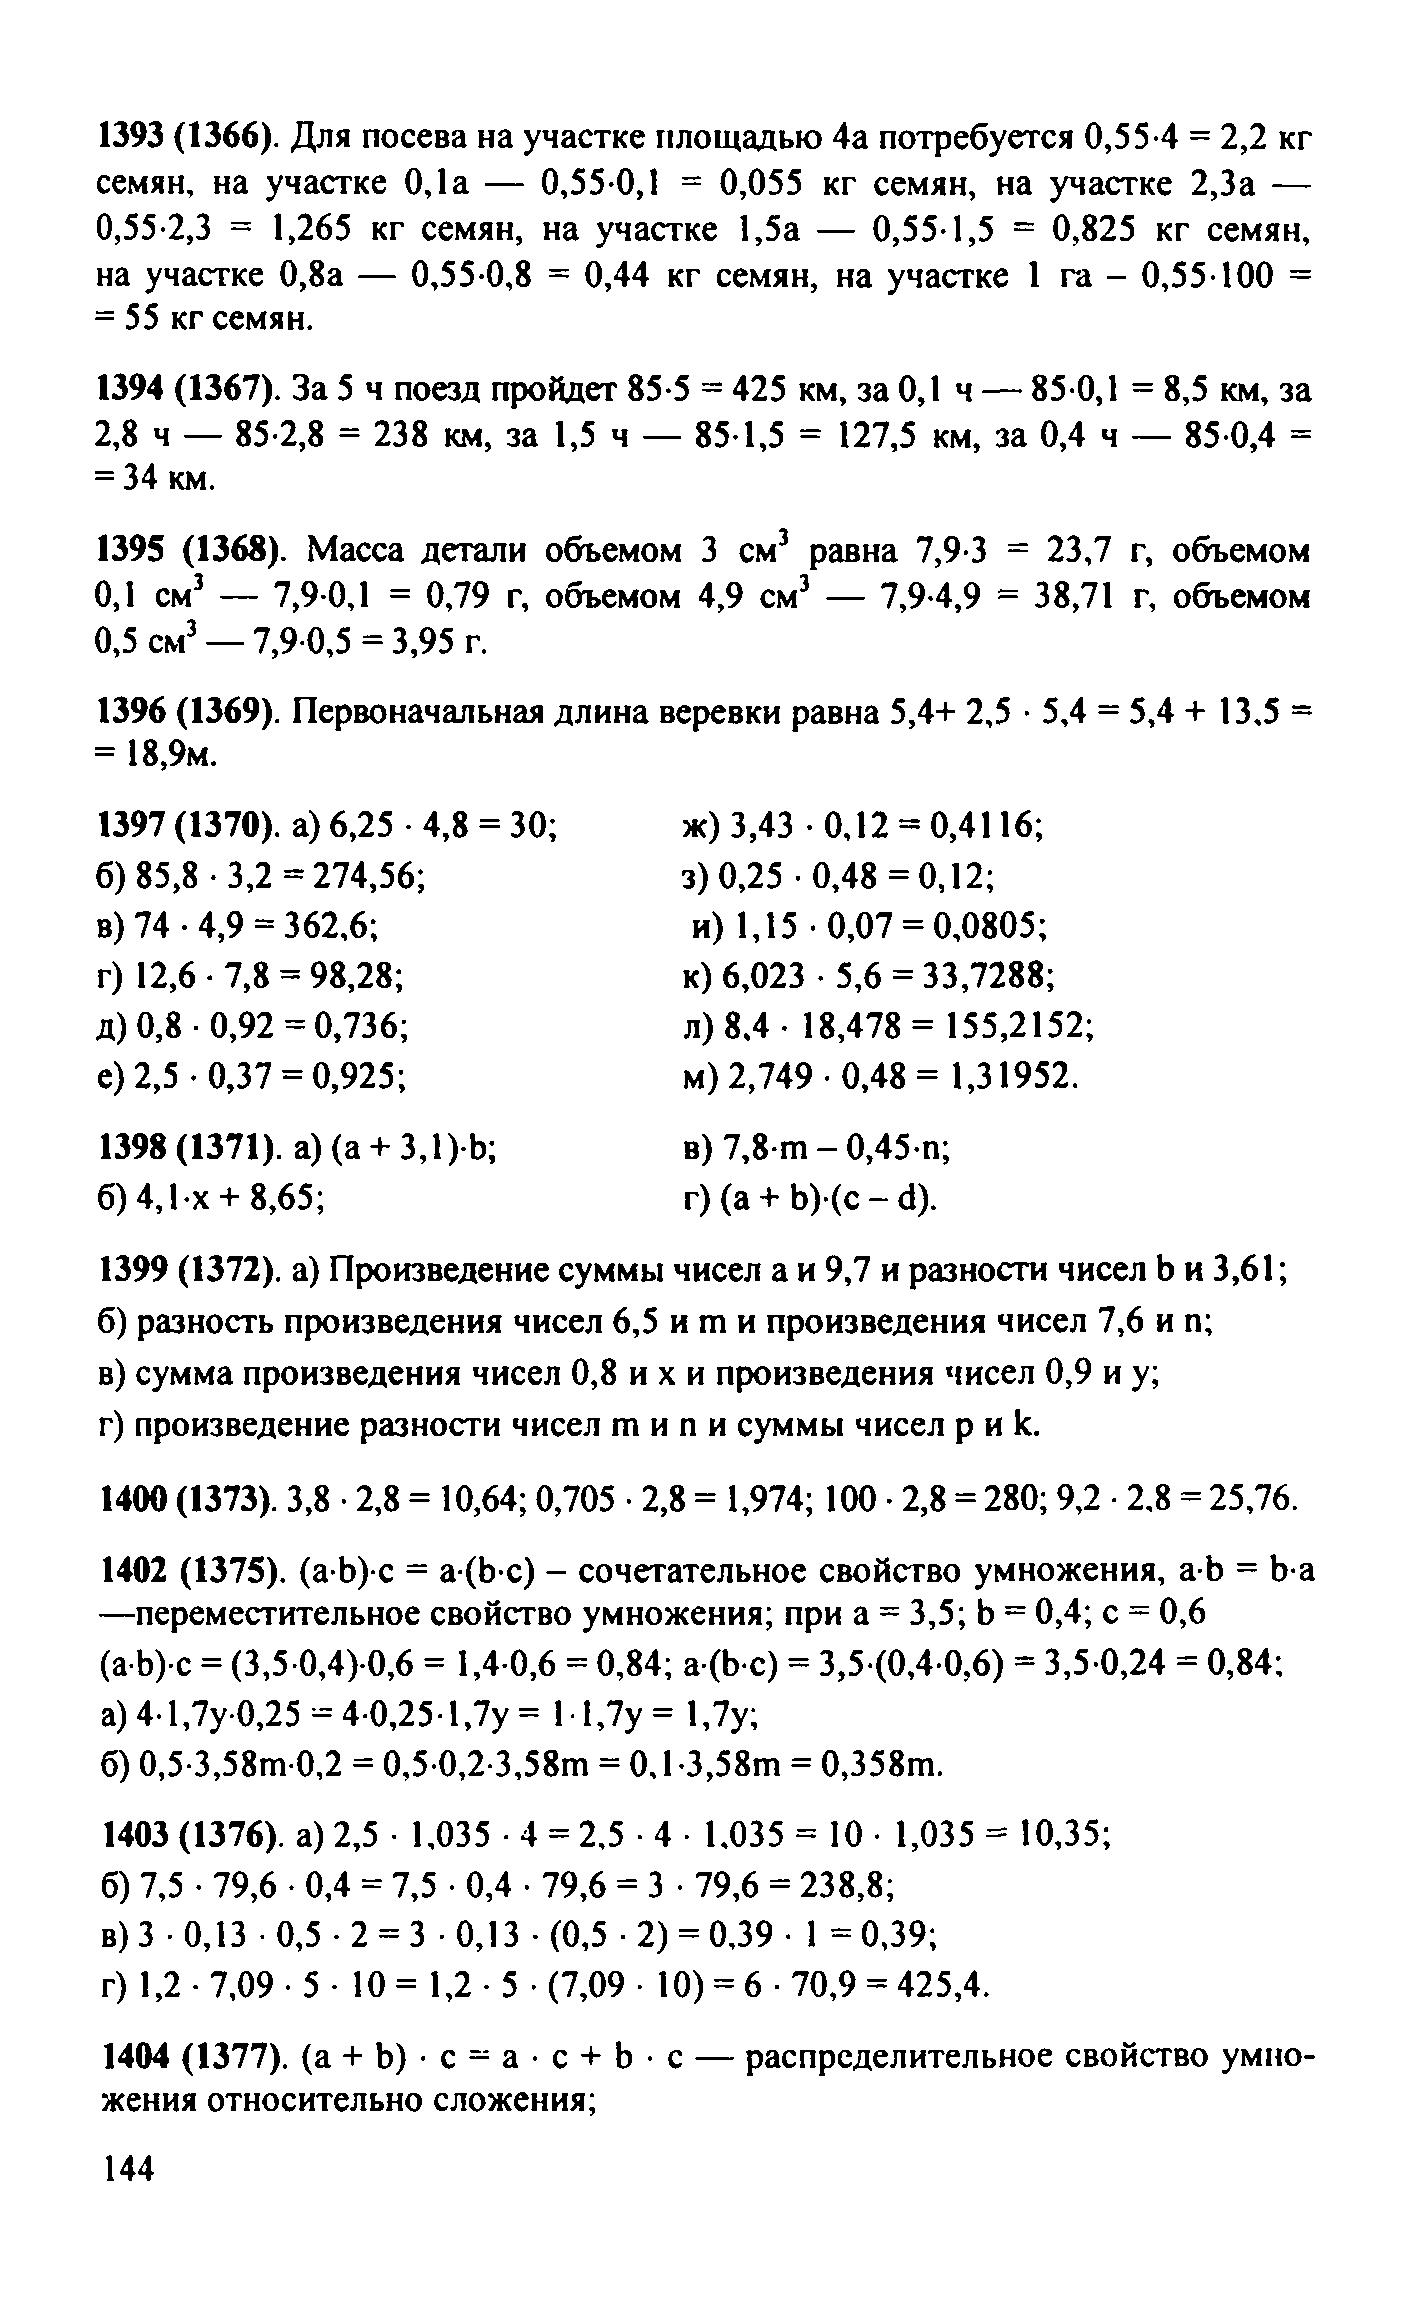 Гдз по математике 1377